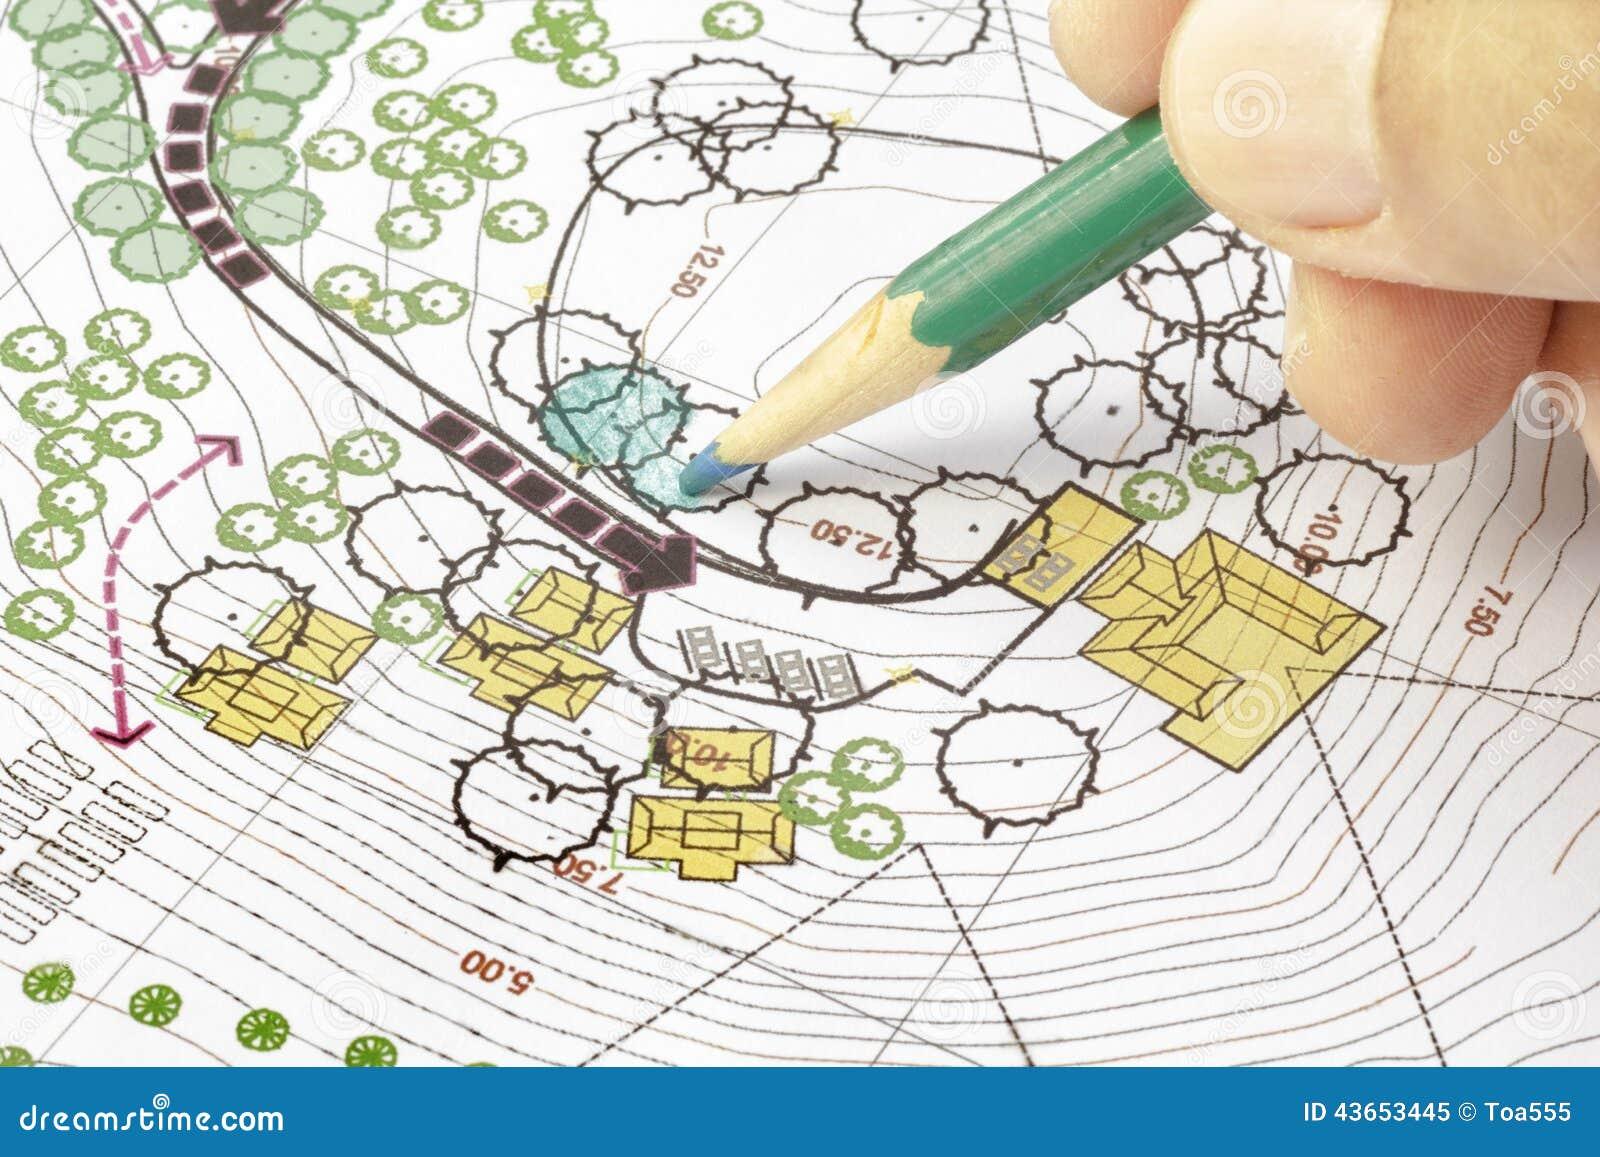 Architecte paysagiste designing sur le plan image stock for Site de paysagiste